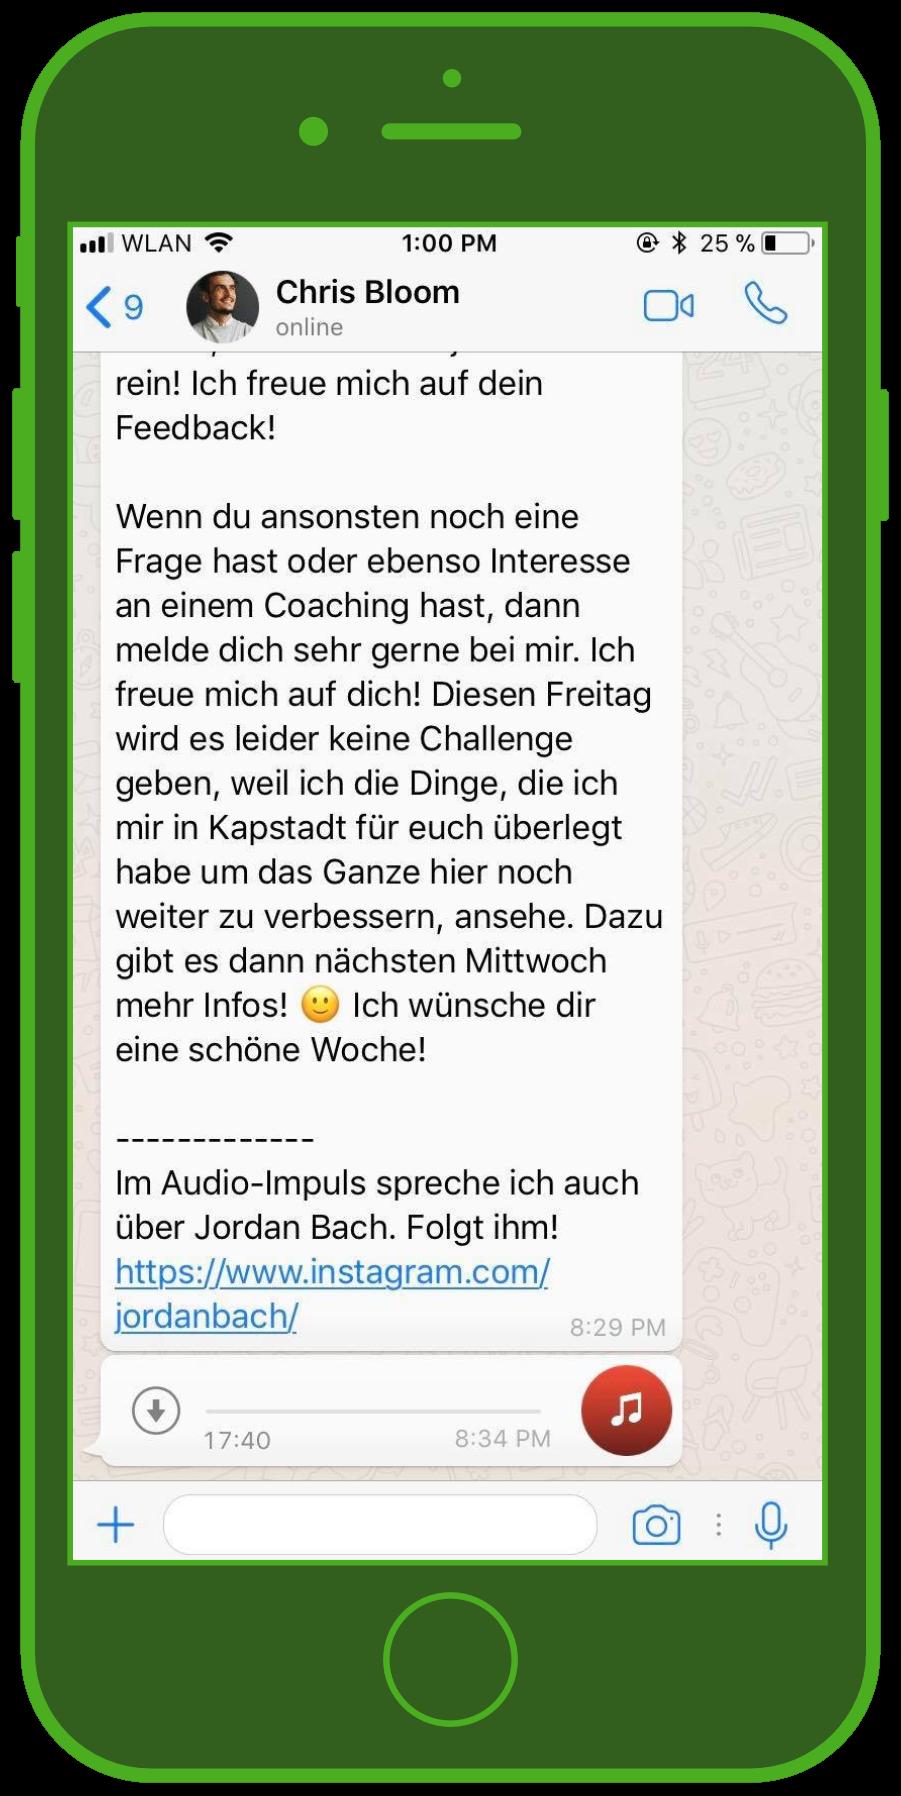 device-whatsapp-newsletter-influencer-screenshot